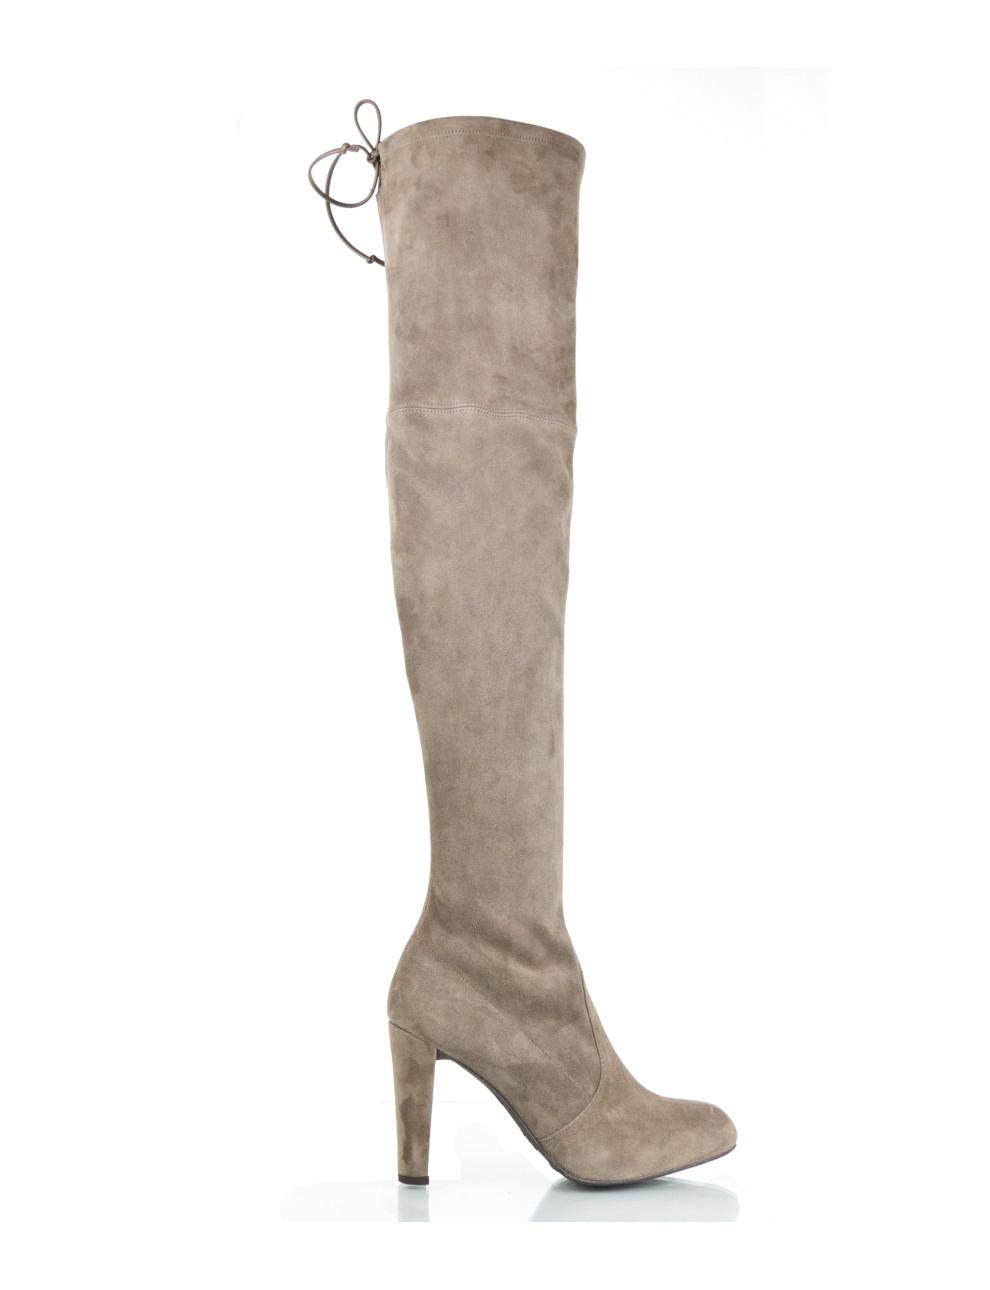 Women's Boots | Buy Designer Boots for Women Online | David Jones